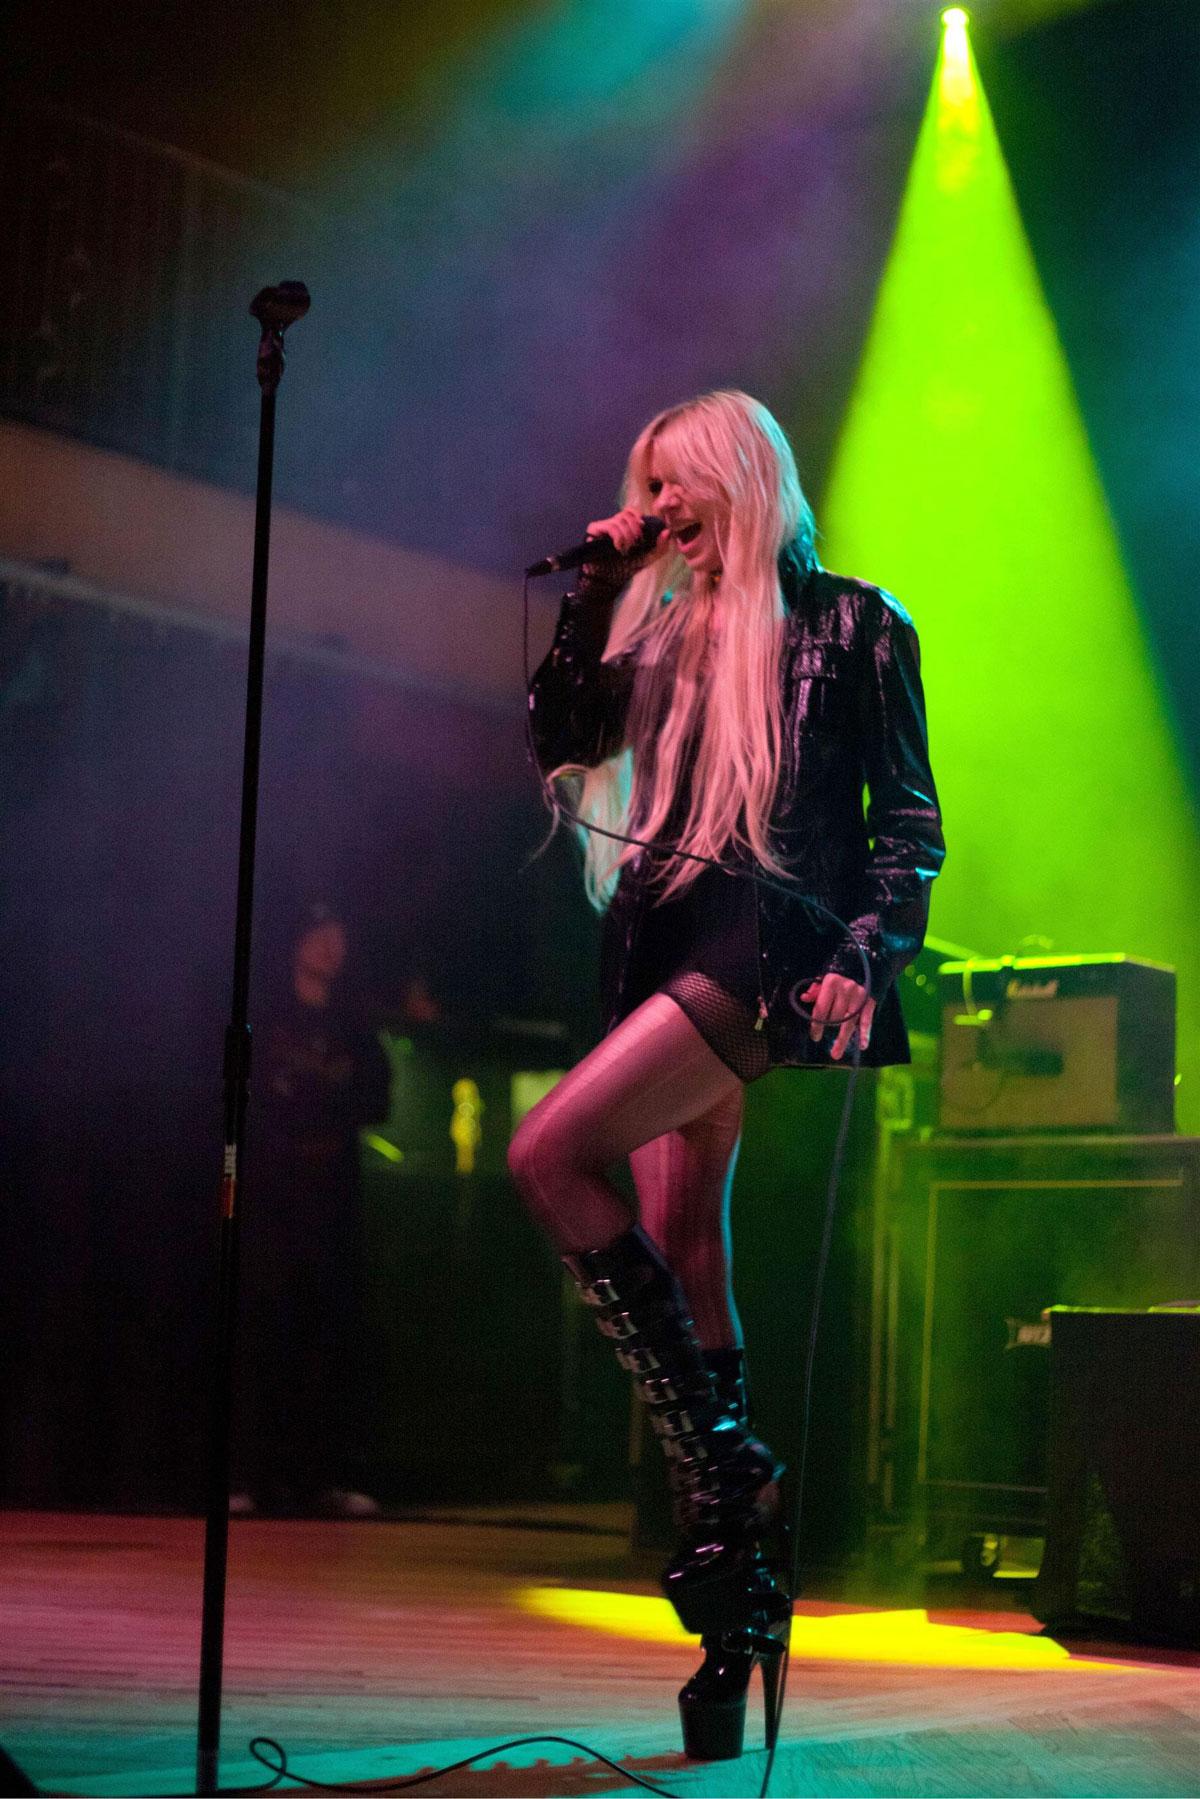 Model Upg: Taylor Momsen Live Performance at Crofoot ... Taylor Momsen Live